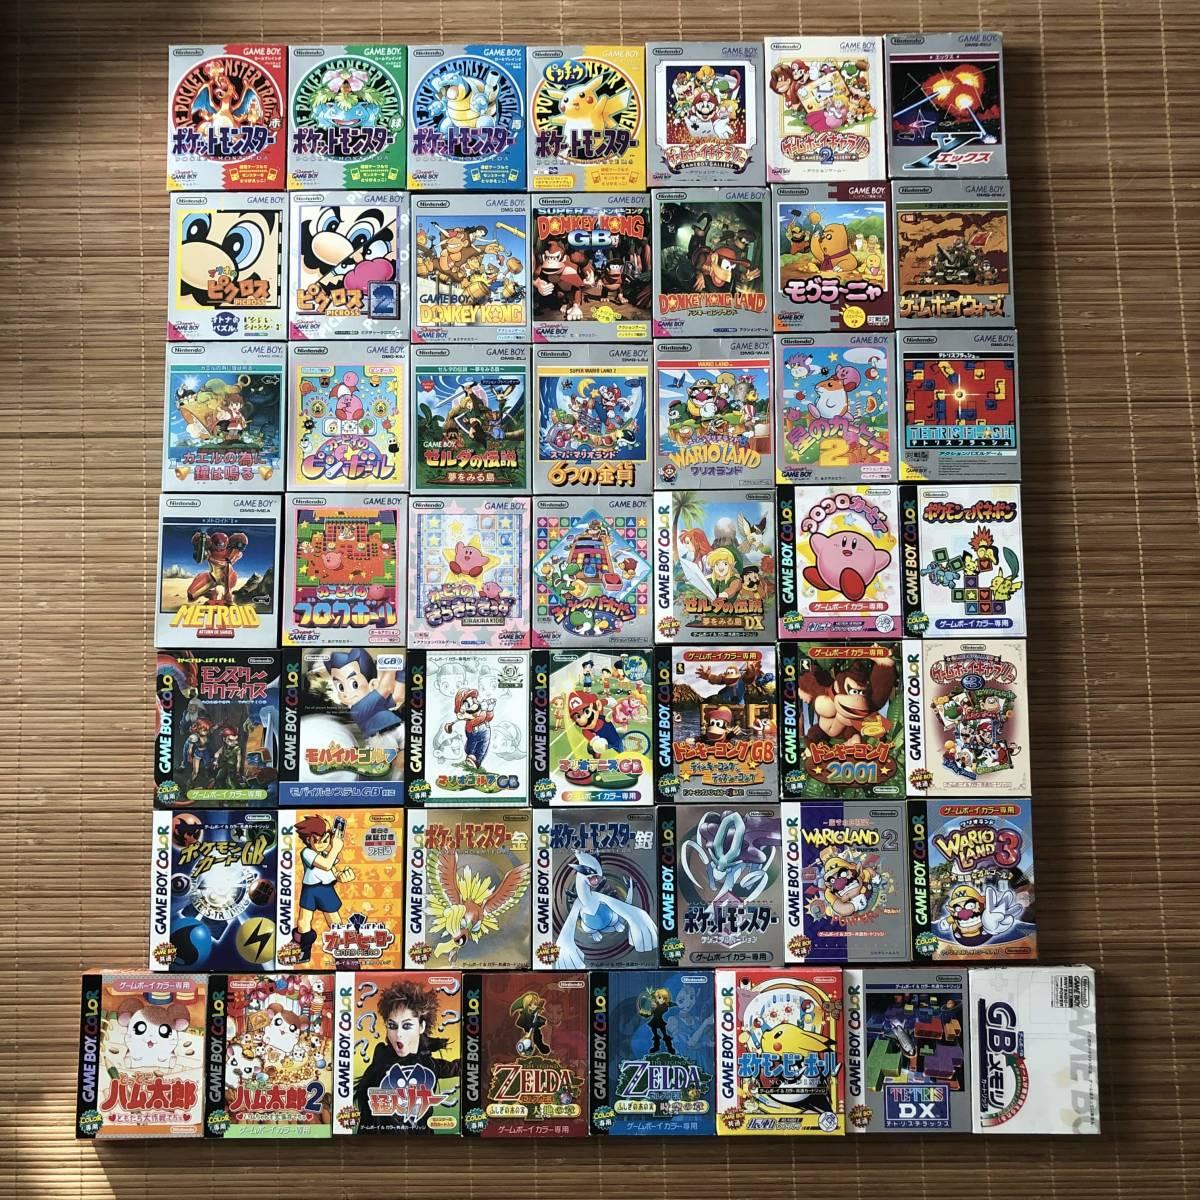 ゲームボーイ 箱説付き 任天堂ソフト 50本セット